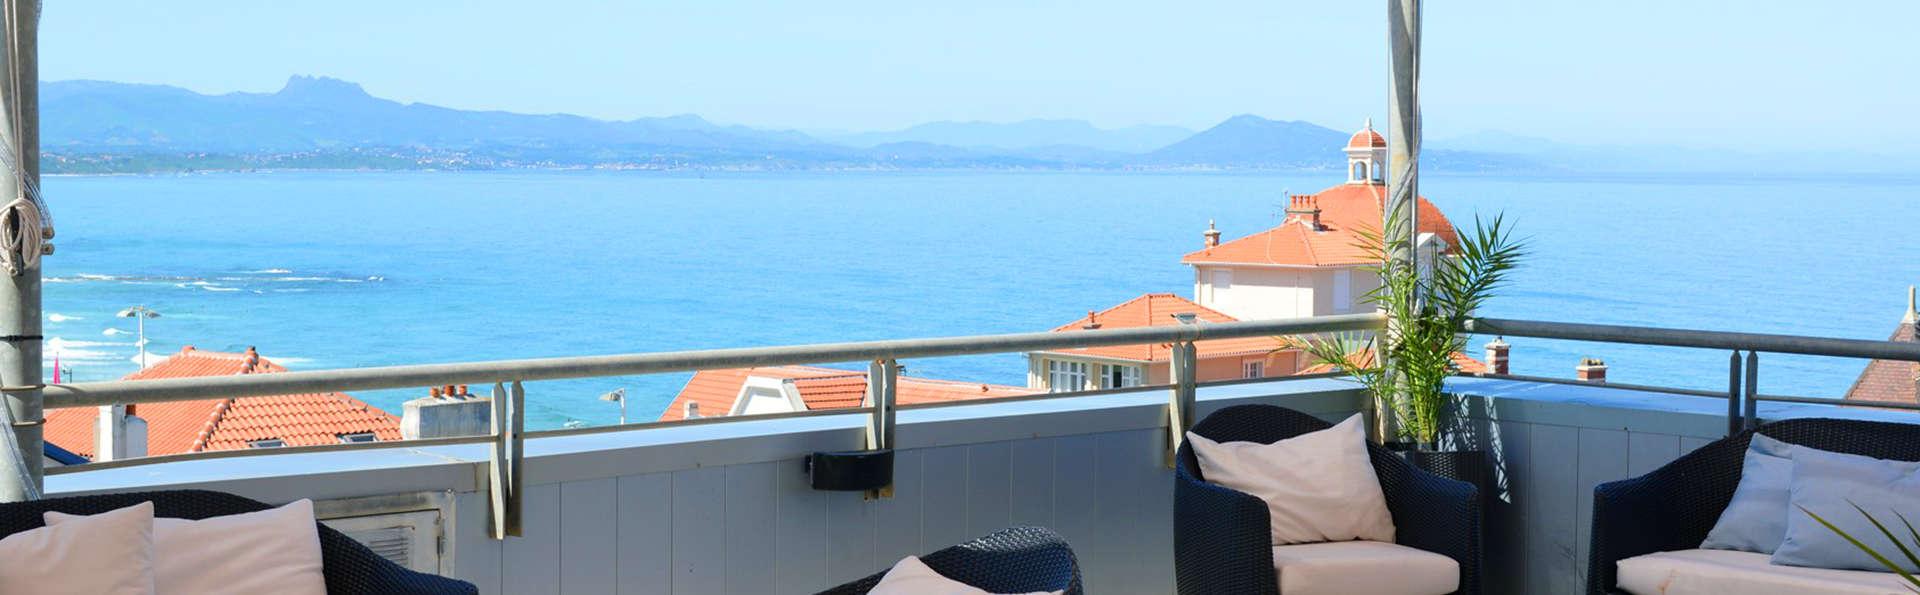 Week-end détente, en bord de mer, à Biarritz